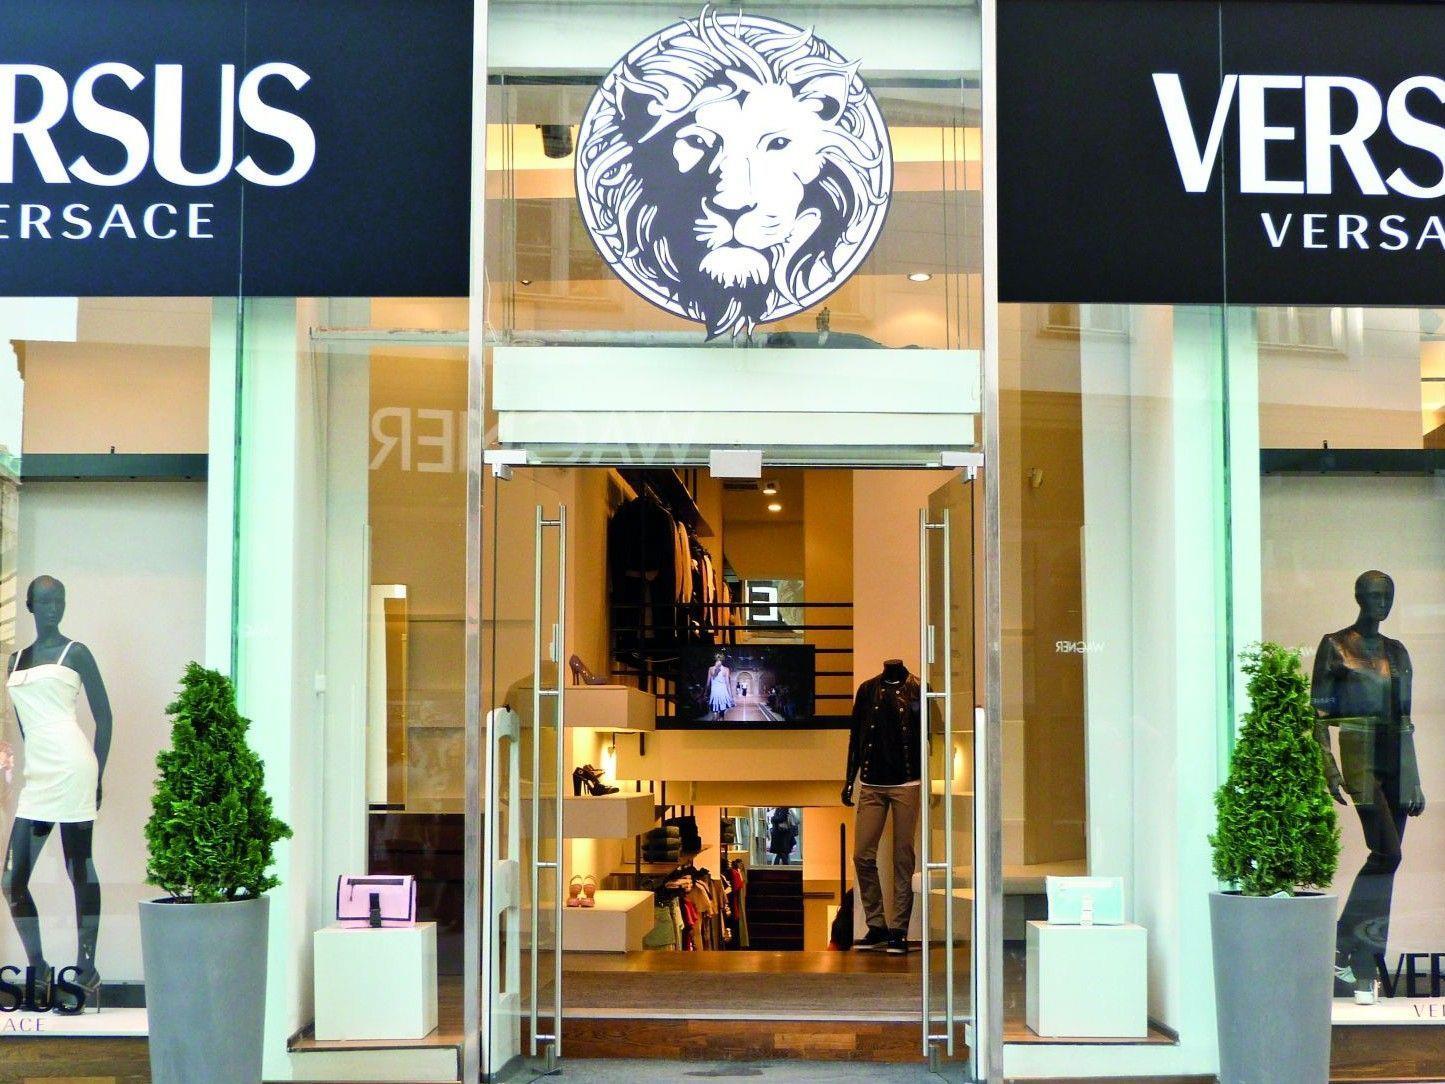 Der Versus Store eröffnete am 4. April in der Wiener Innenstadt.